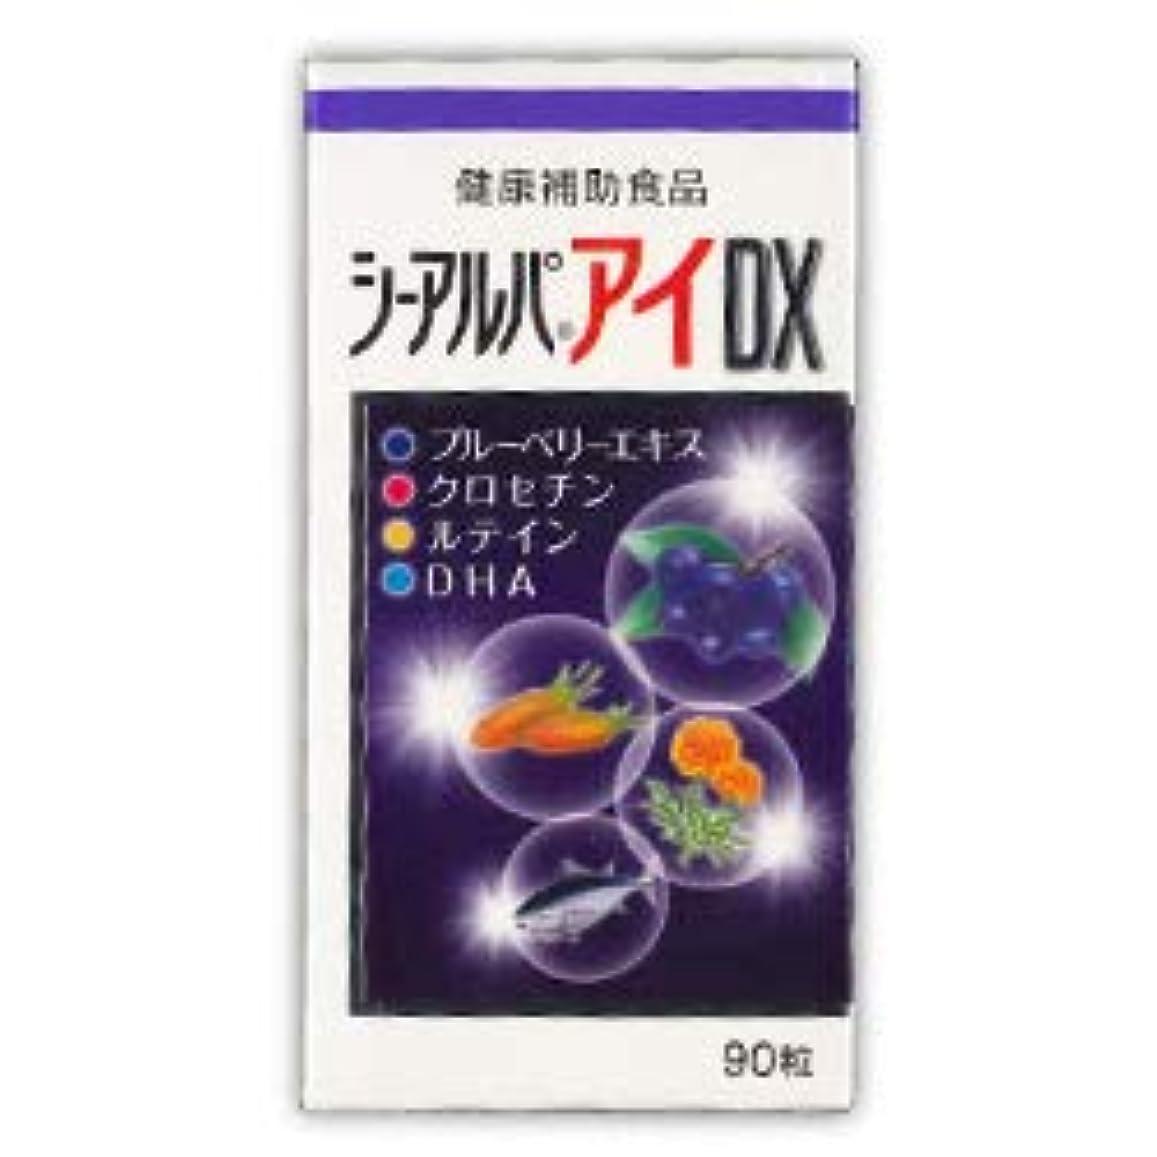 ブラウズフェンス布【日水製薬】シーアルパアイDX 90粒